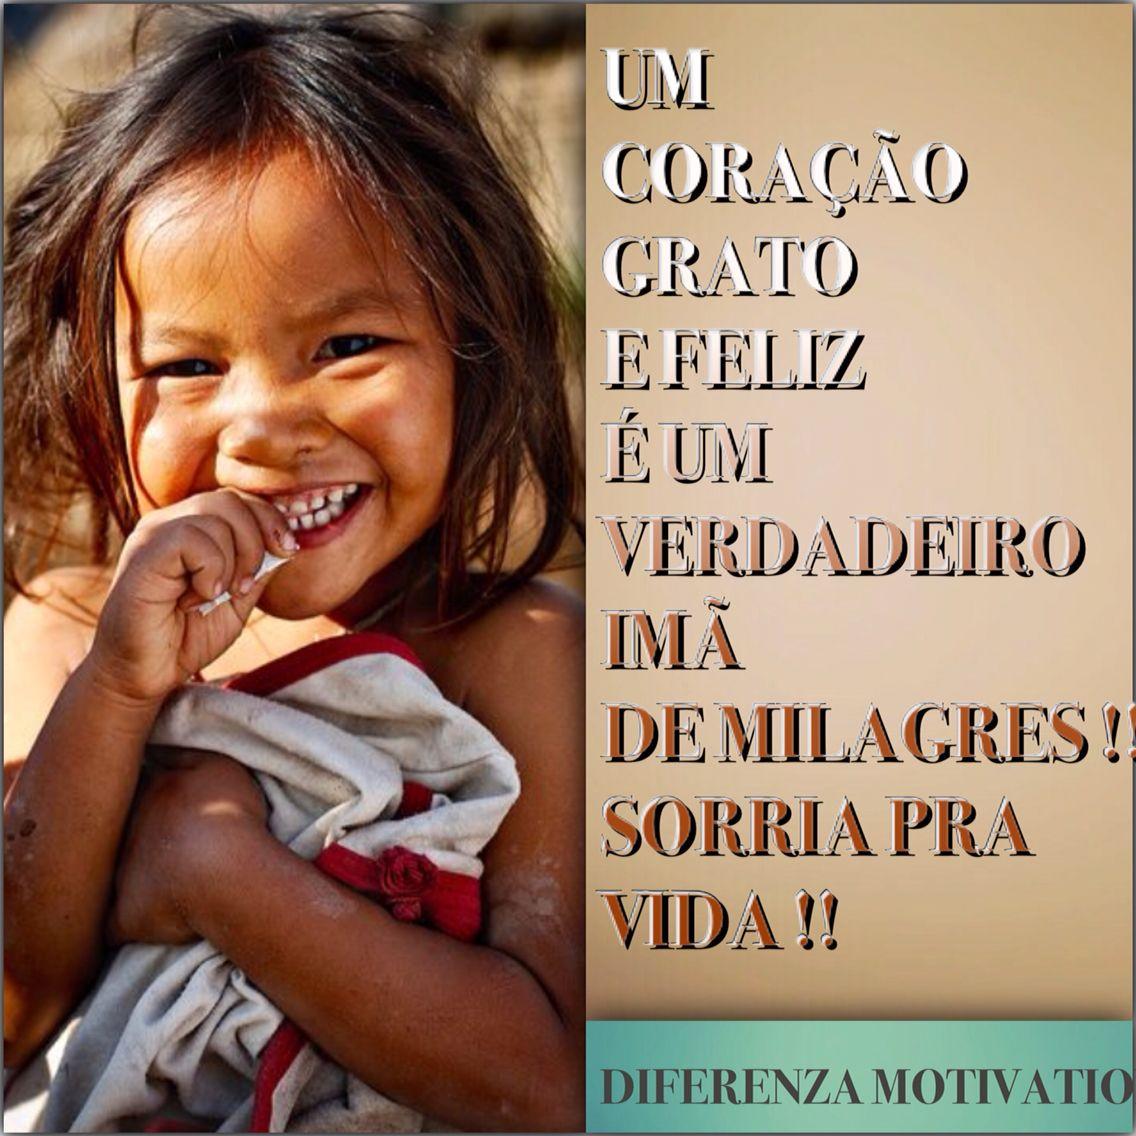 DIFERENZA MOTIVATION BOM DIA !!!!! BUSQUE A TRANQÜILIDADE E SEJA MUITO FELIZ !!! #diferenzamotivation #bomdia #amor #motivação #foco  #inspira #inspiração  #trabalho  #sorrisos #motivação #otimasemana #sorriamuito #deusnocomando #sucesso #prosperidade #viagem #gratidão #asia #travelling #trip #colors #flowers #sucesso  #borboletas #diversão #fé  #felicidade #confiança #forçadevontade #natal #temposdepaz #família